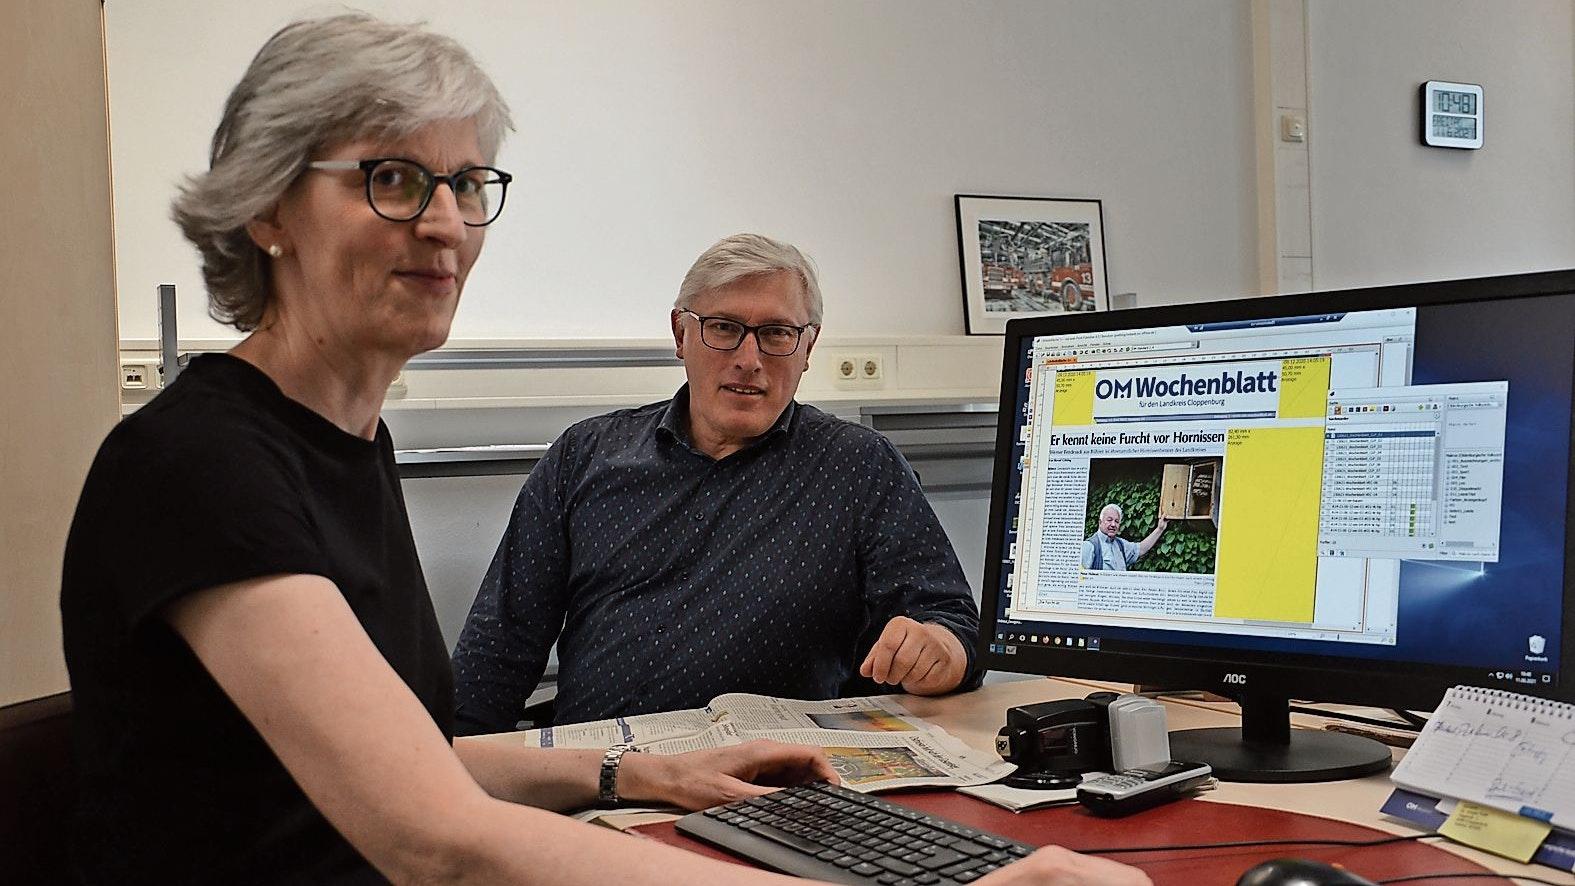 Erfolgreicher Start der OM-Wochenblätter: Teamleiter Bernd Götting und Elisabeth Wehring produzieren mit vier weiteren Kolleginnen und Kollegen wöchentlich die Zeitungen. Foto: Vorwerk